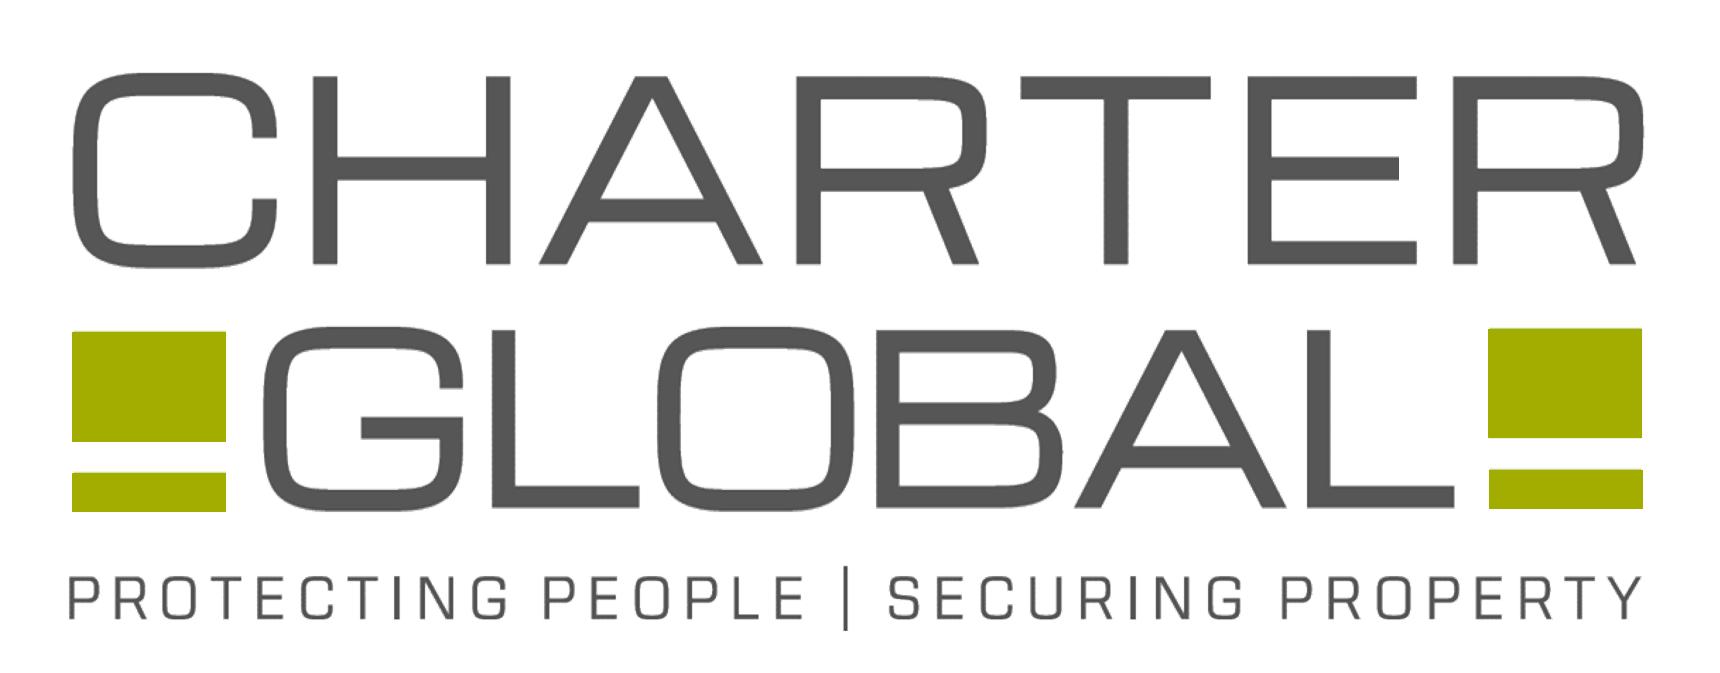 Charter global